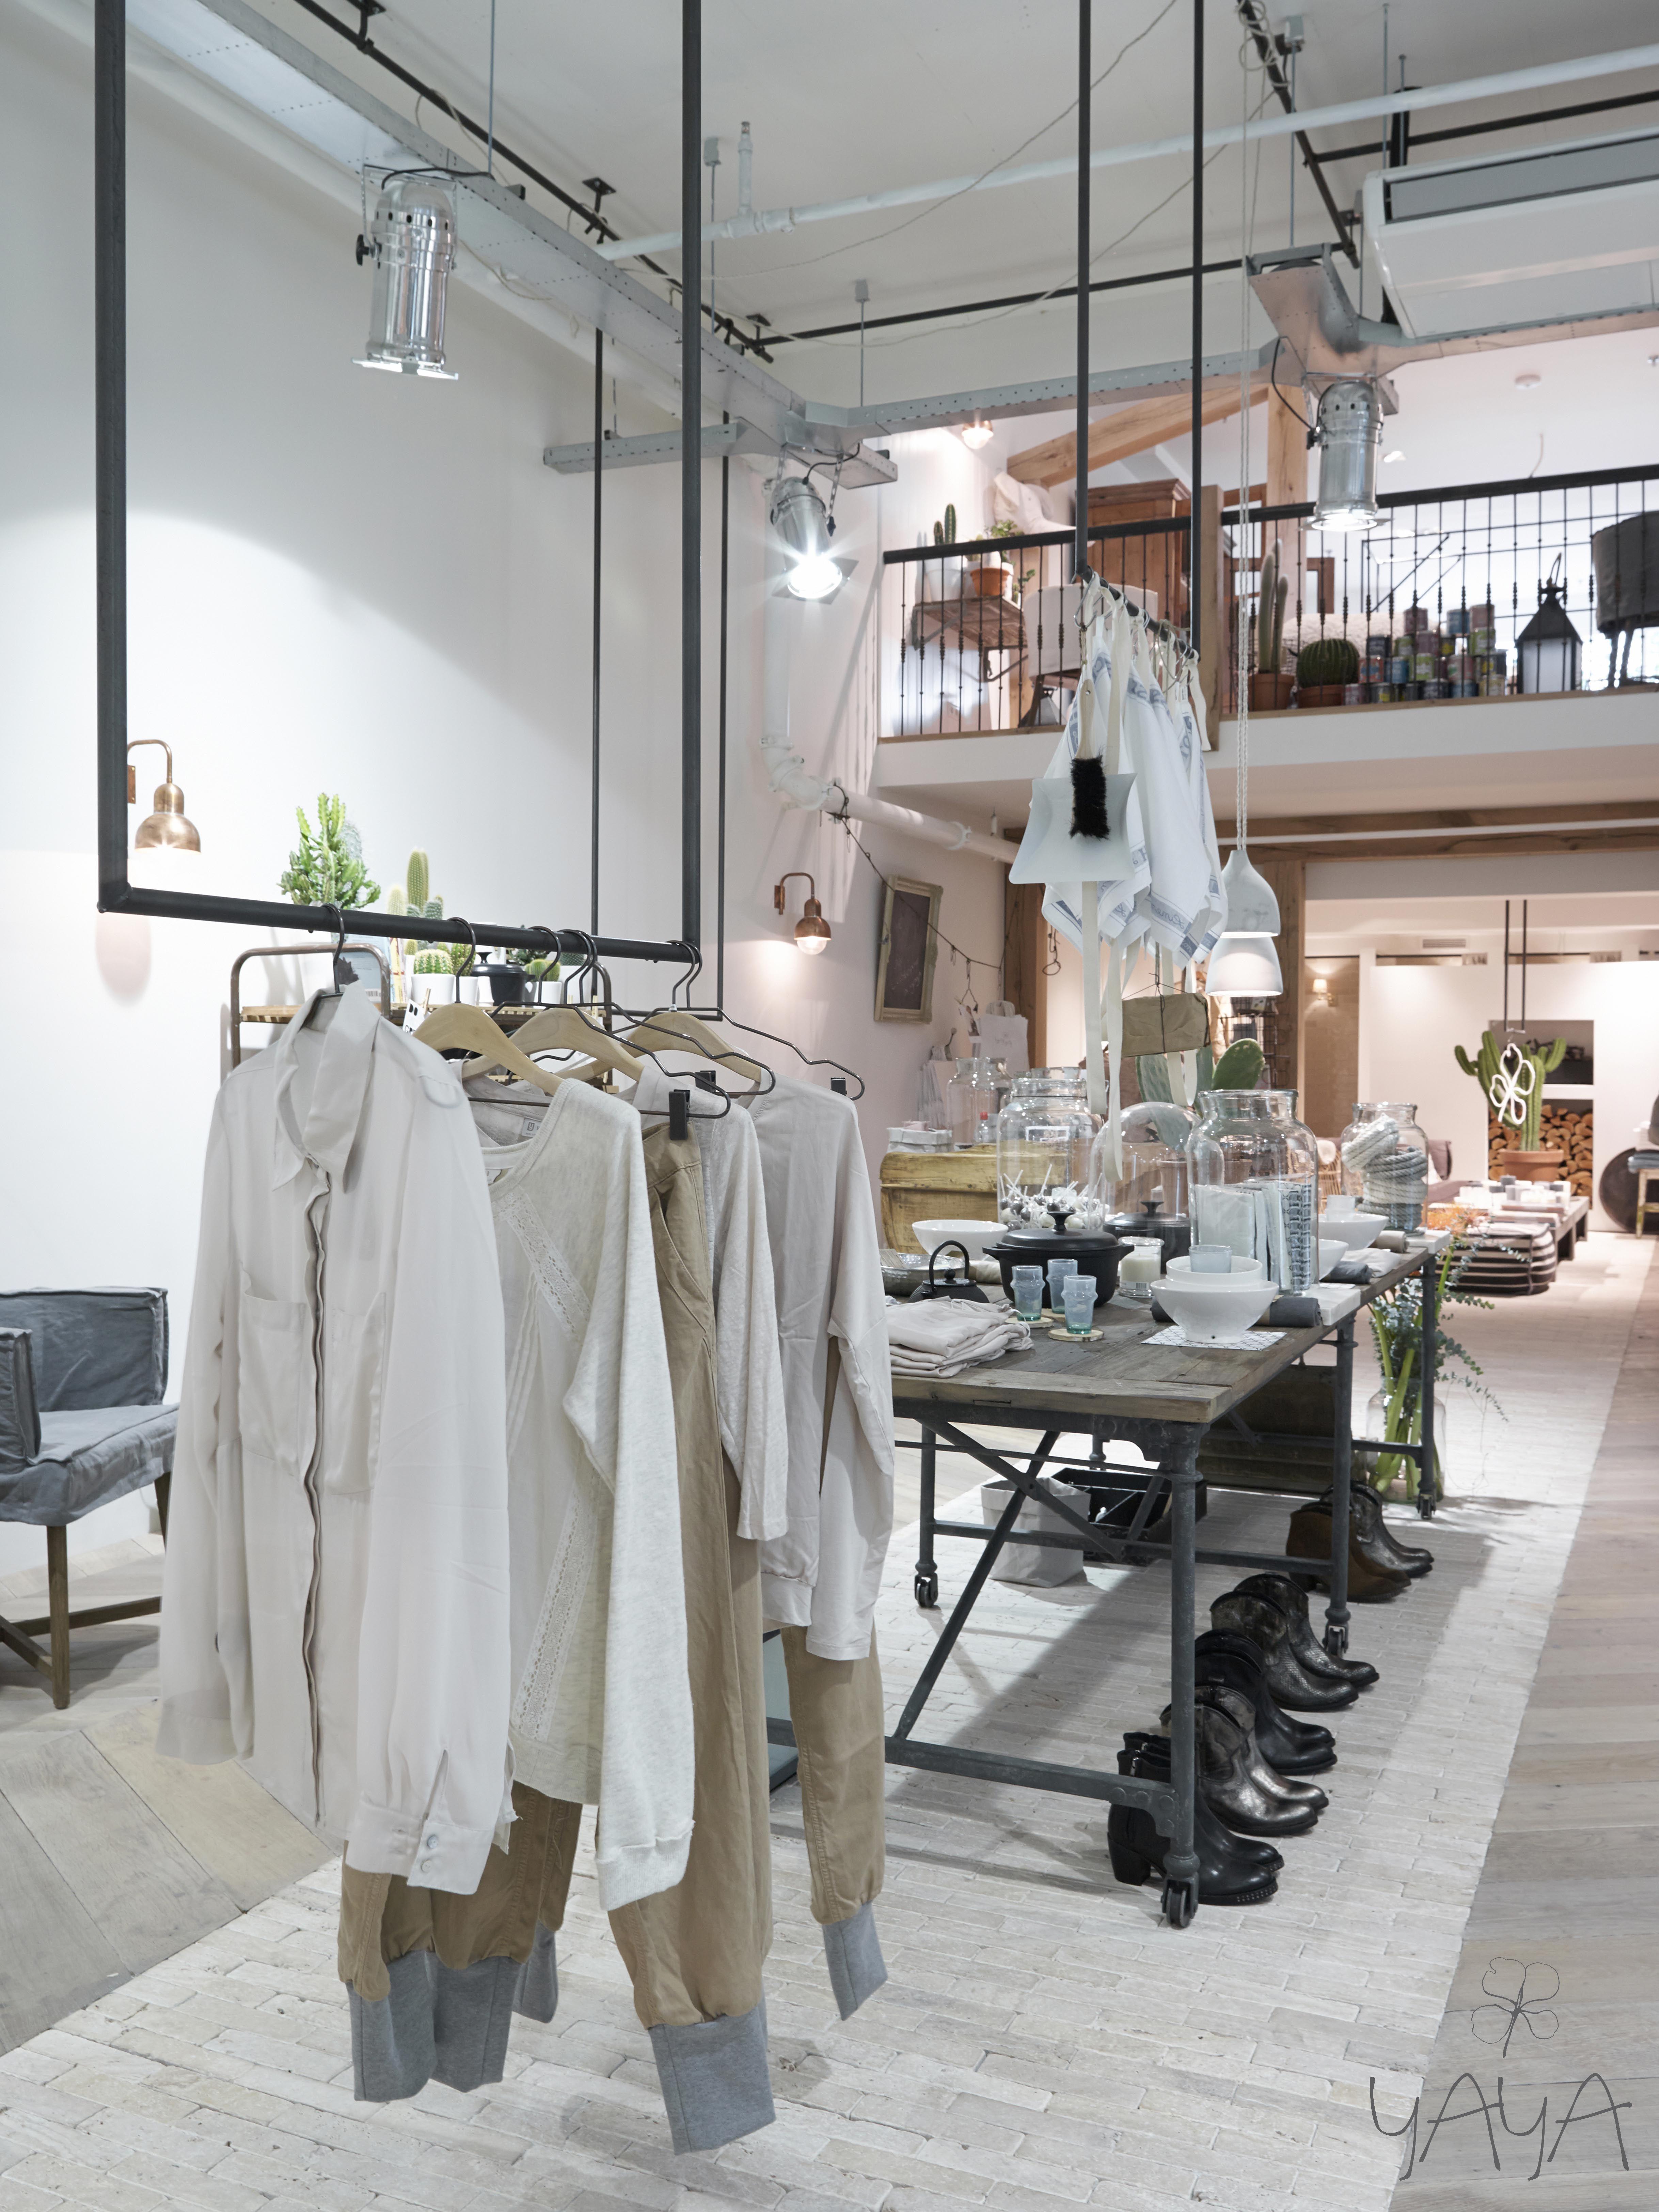 flagship store yaya amstelveen the netherlands boetiek interieur boetiek